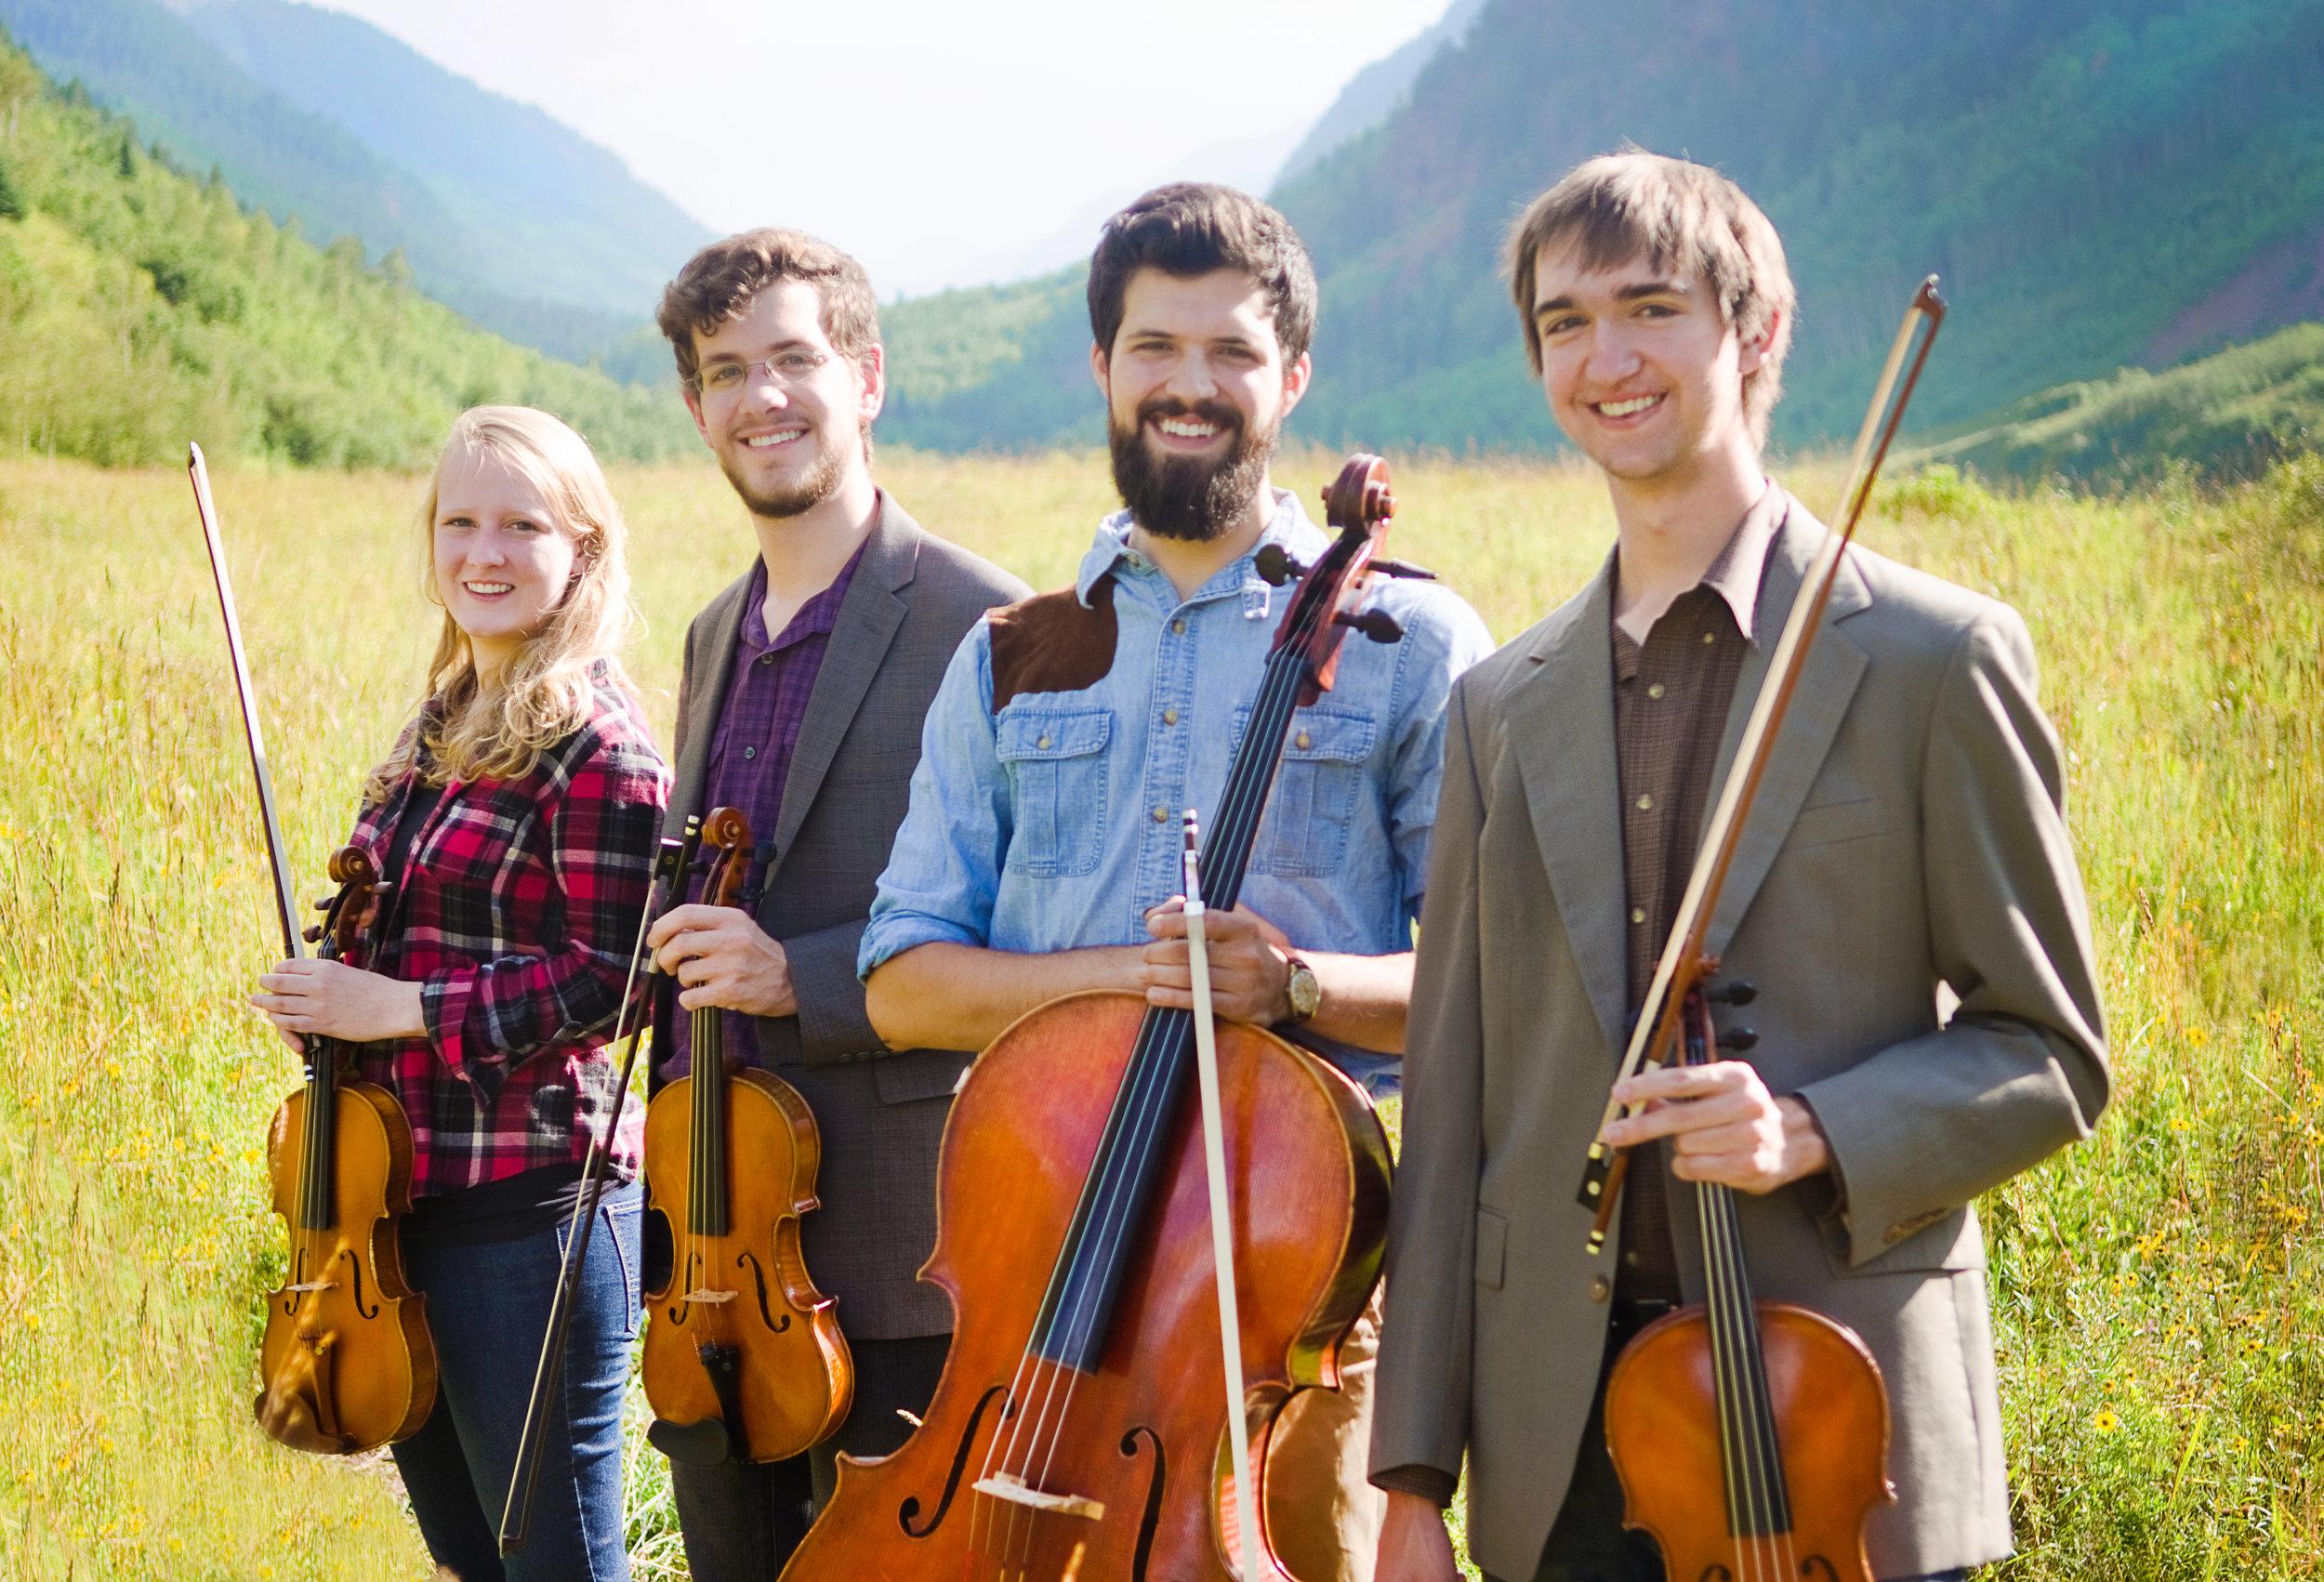 The 2016 Fellowship String Quartet: The Aurelius Quartet